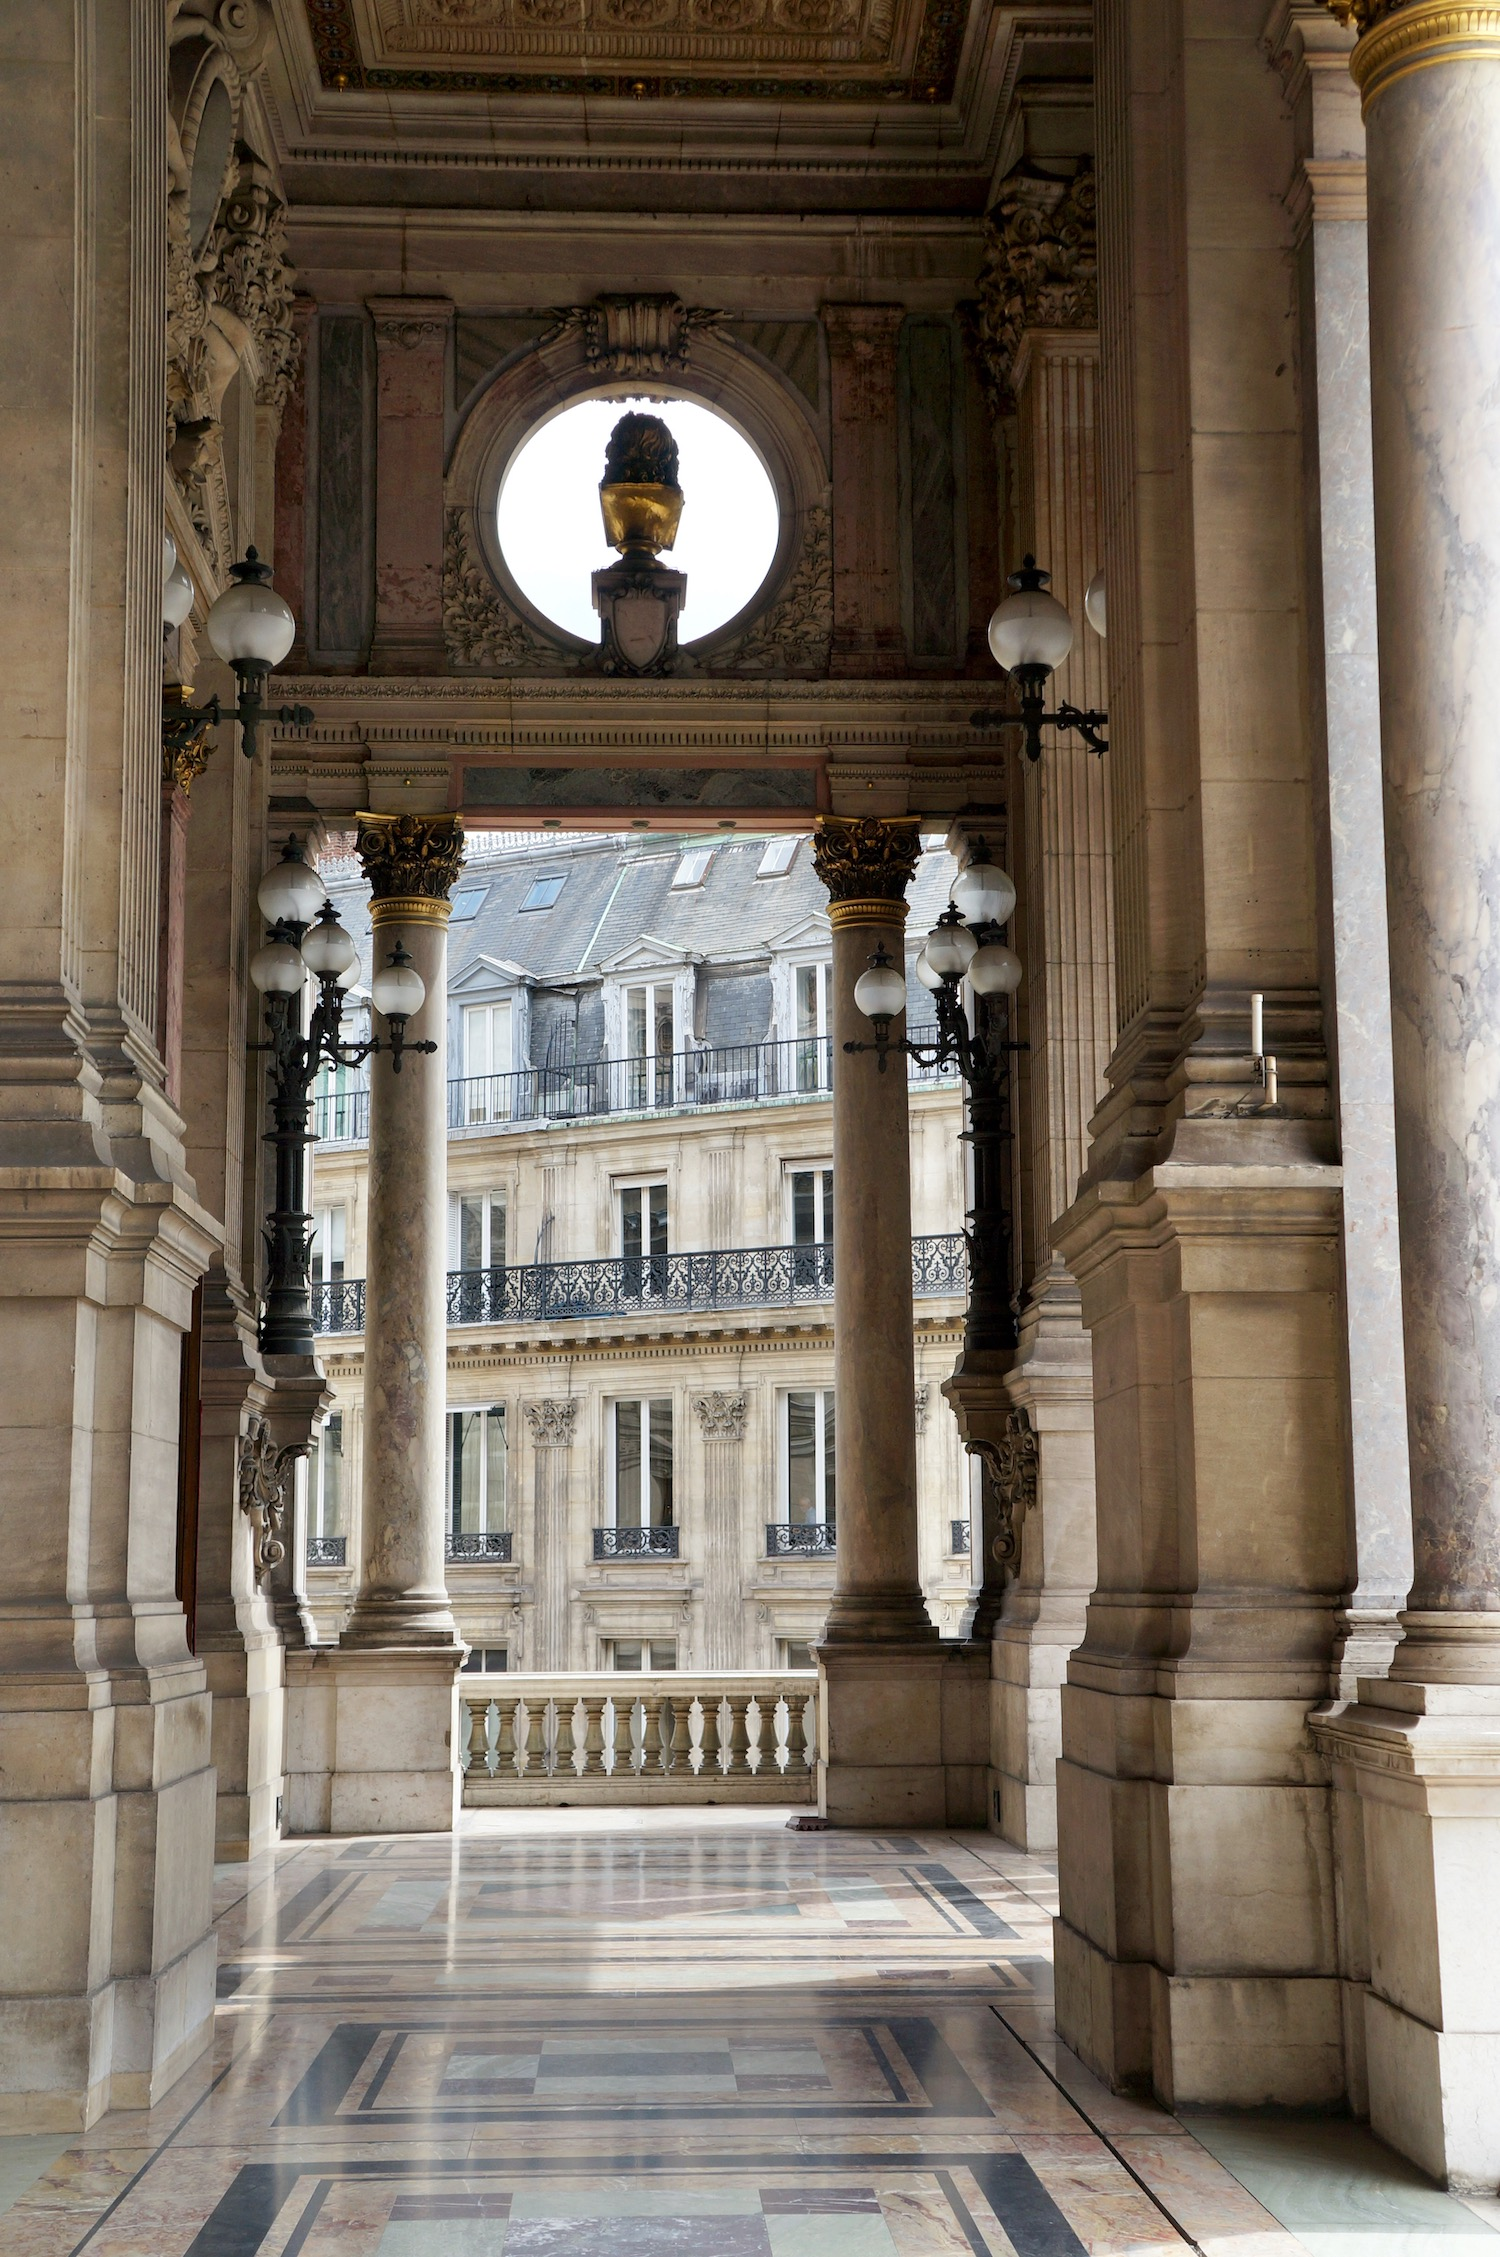 outdoor balcony overlooking Avenue de l'Opera